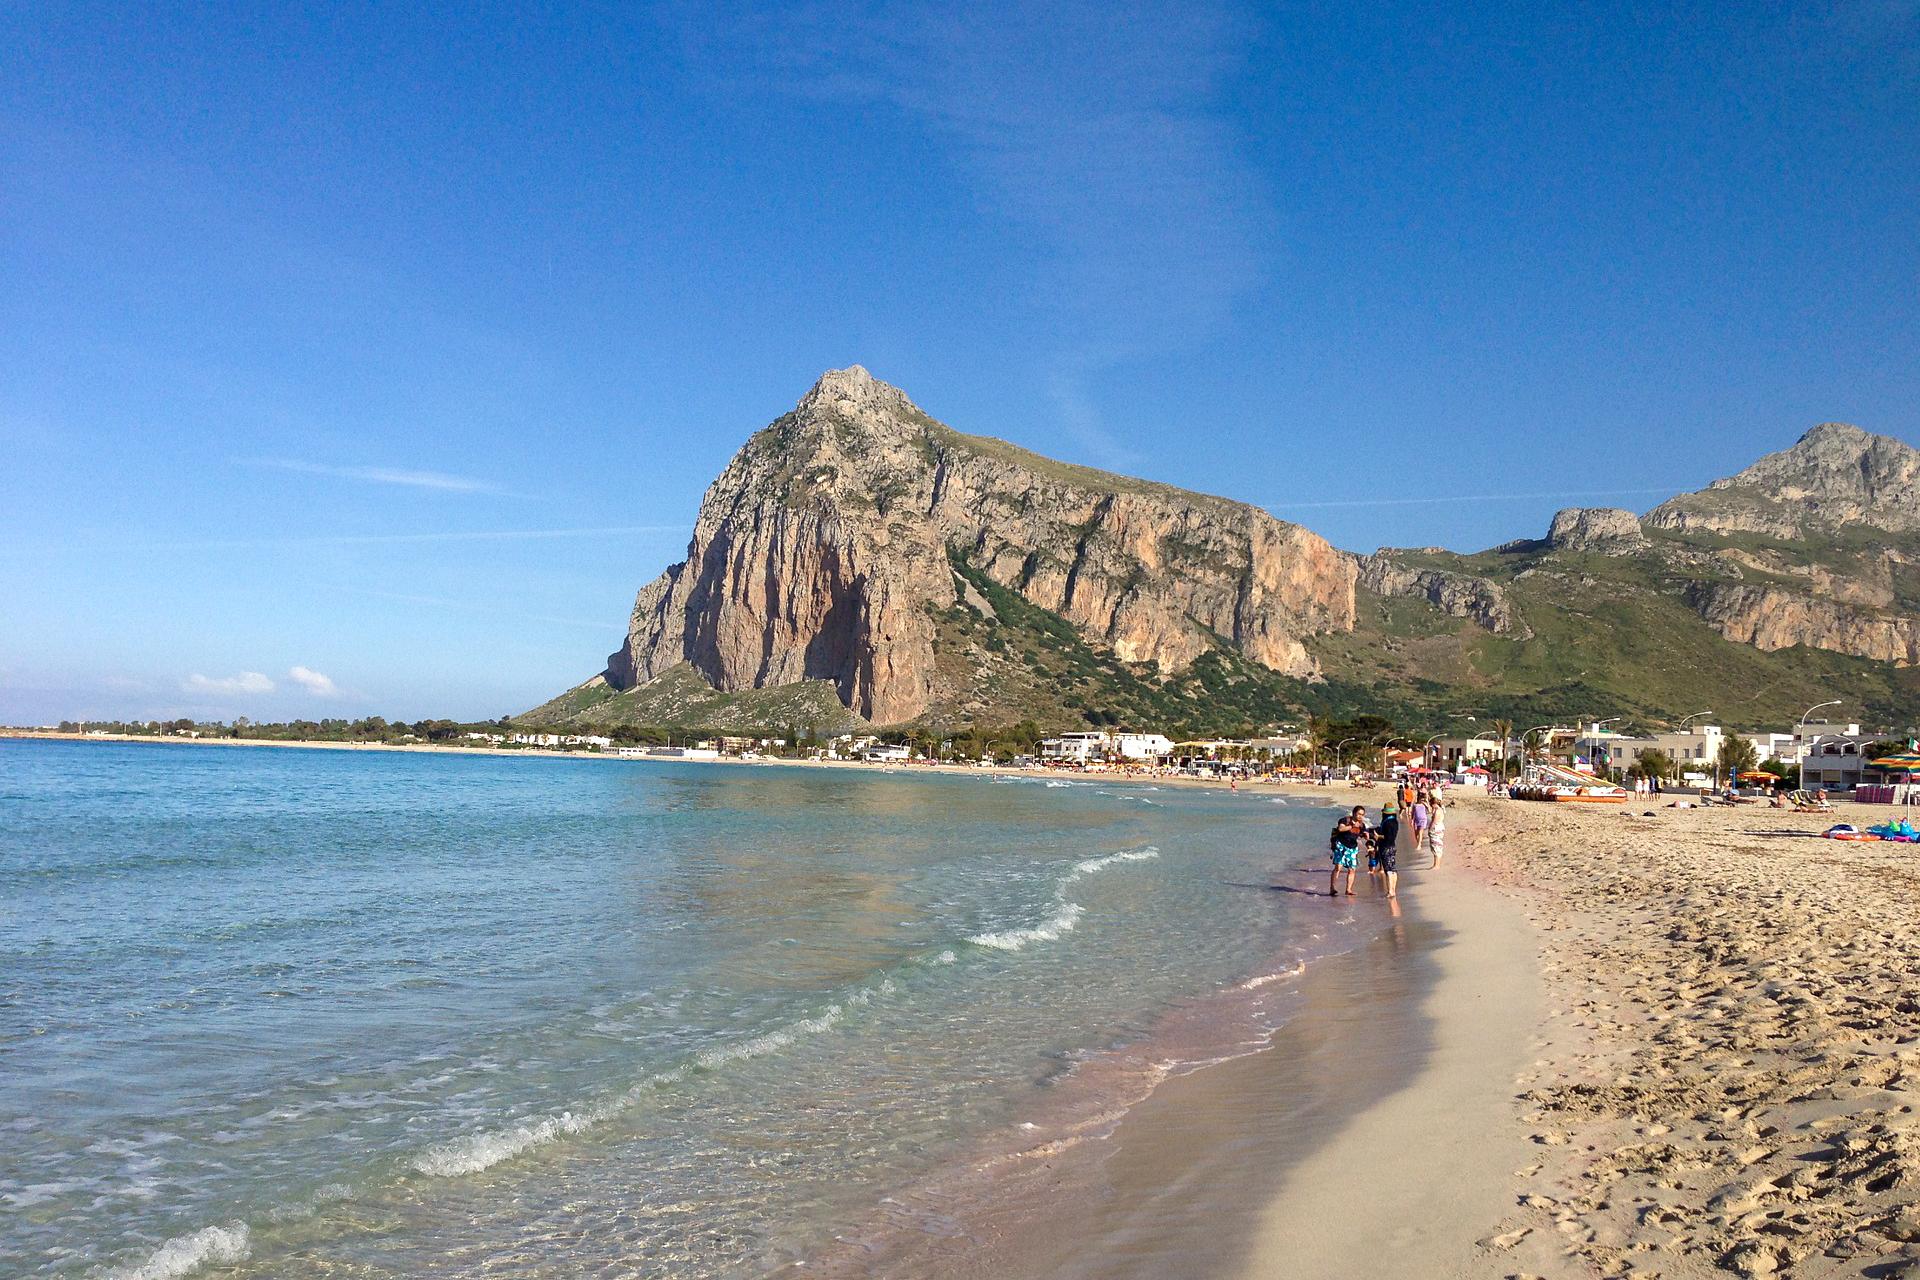 Der sizilianische Strand San Vito lo Capo